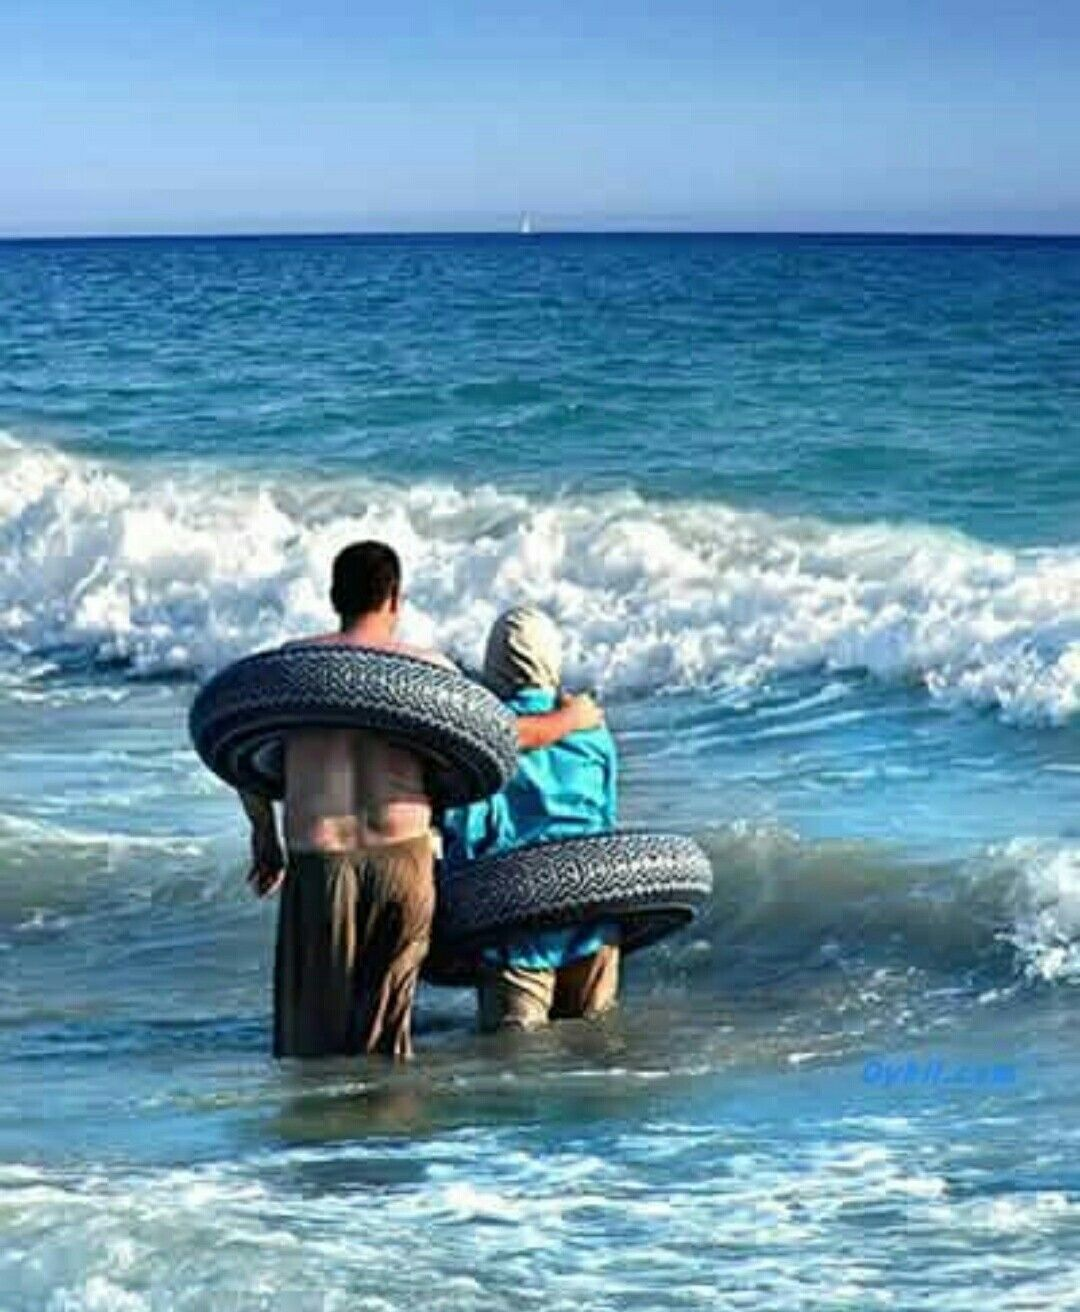 Мечты о море прикольные картинки, найк